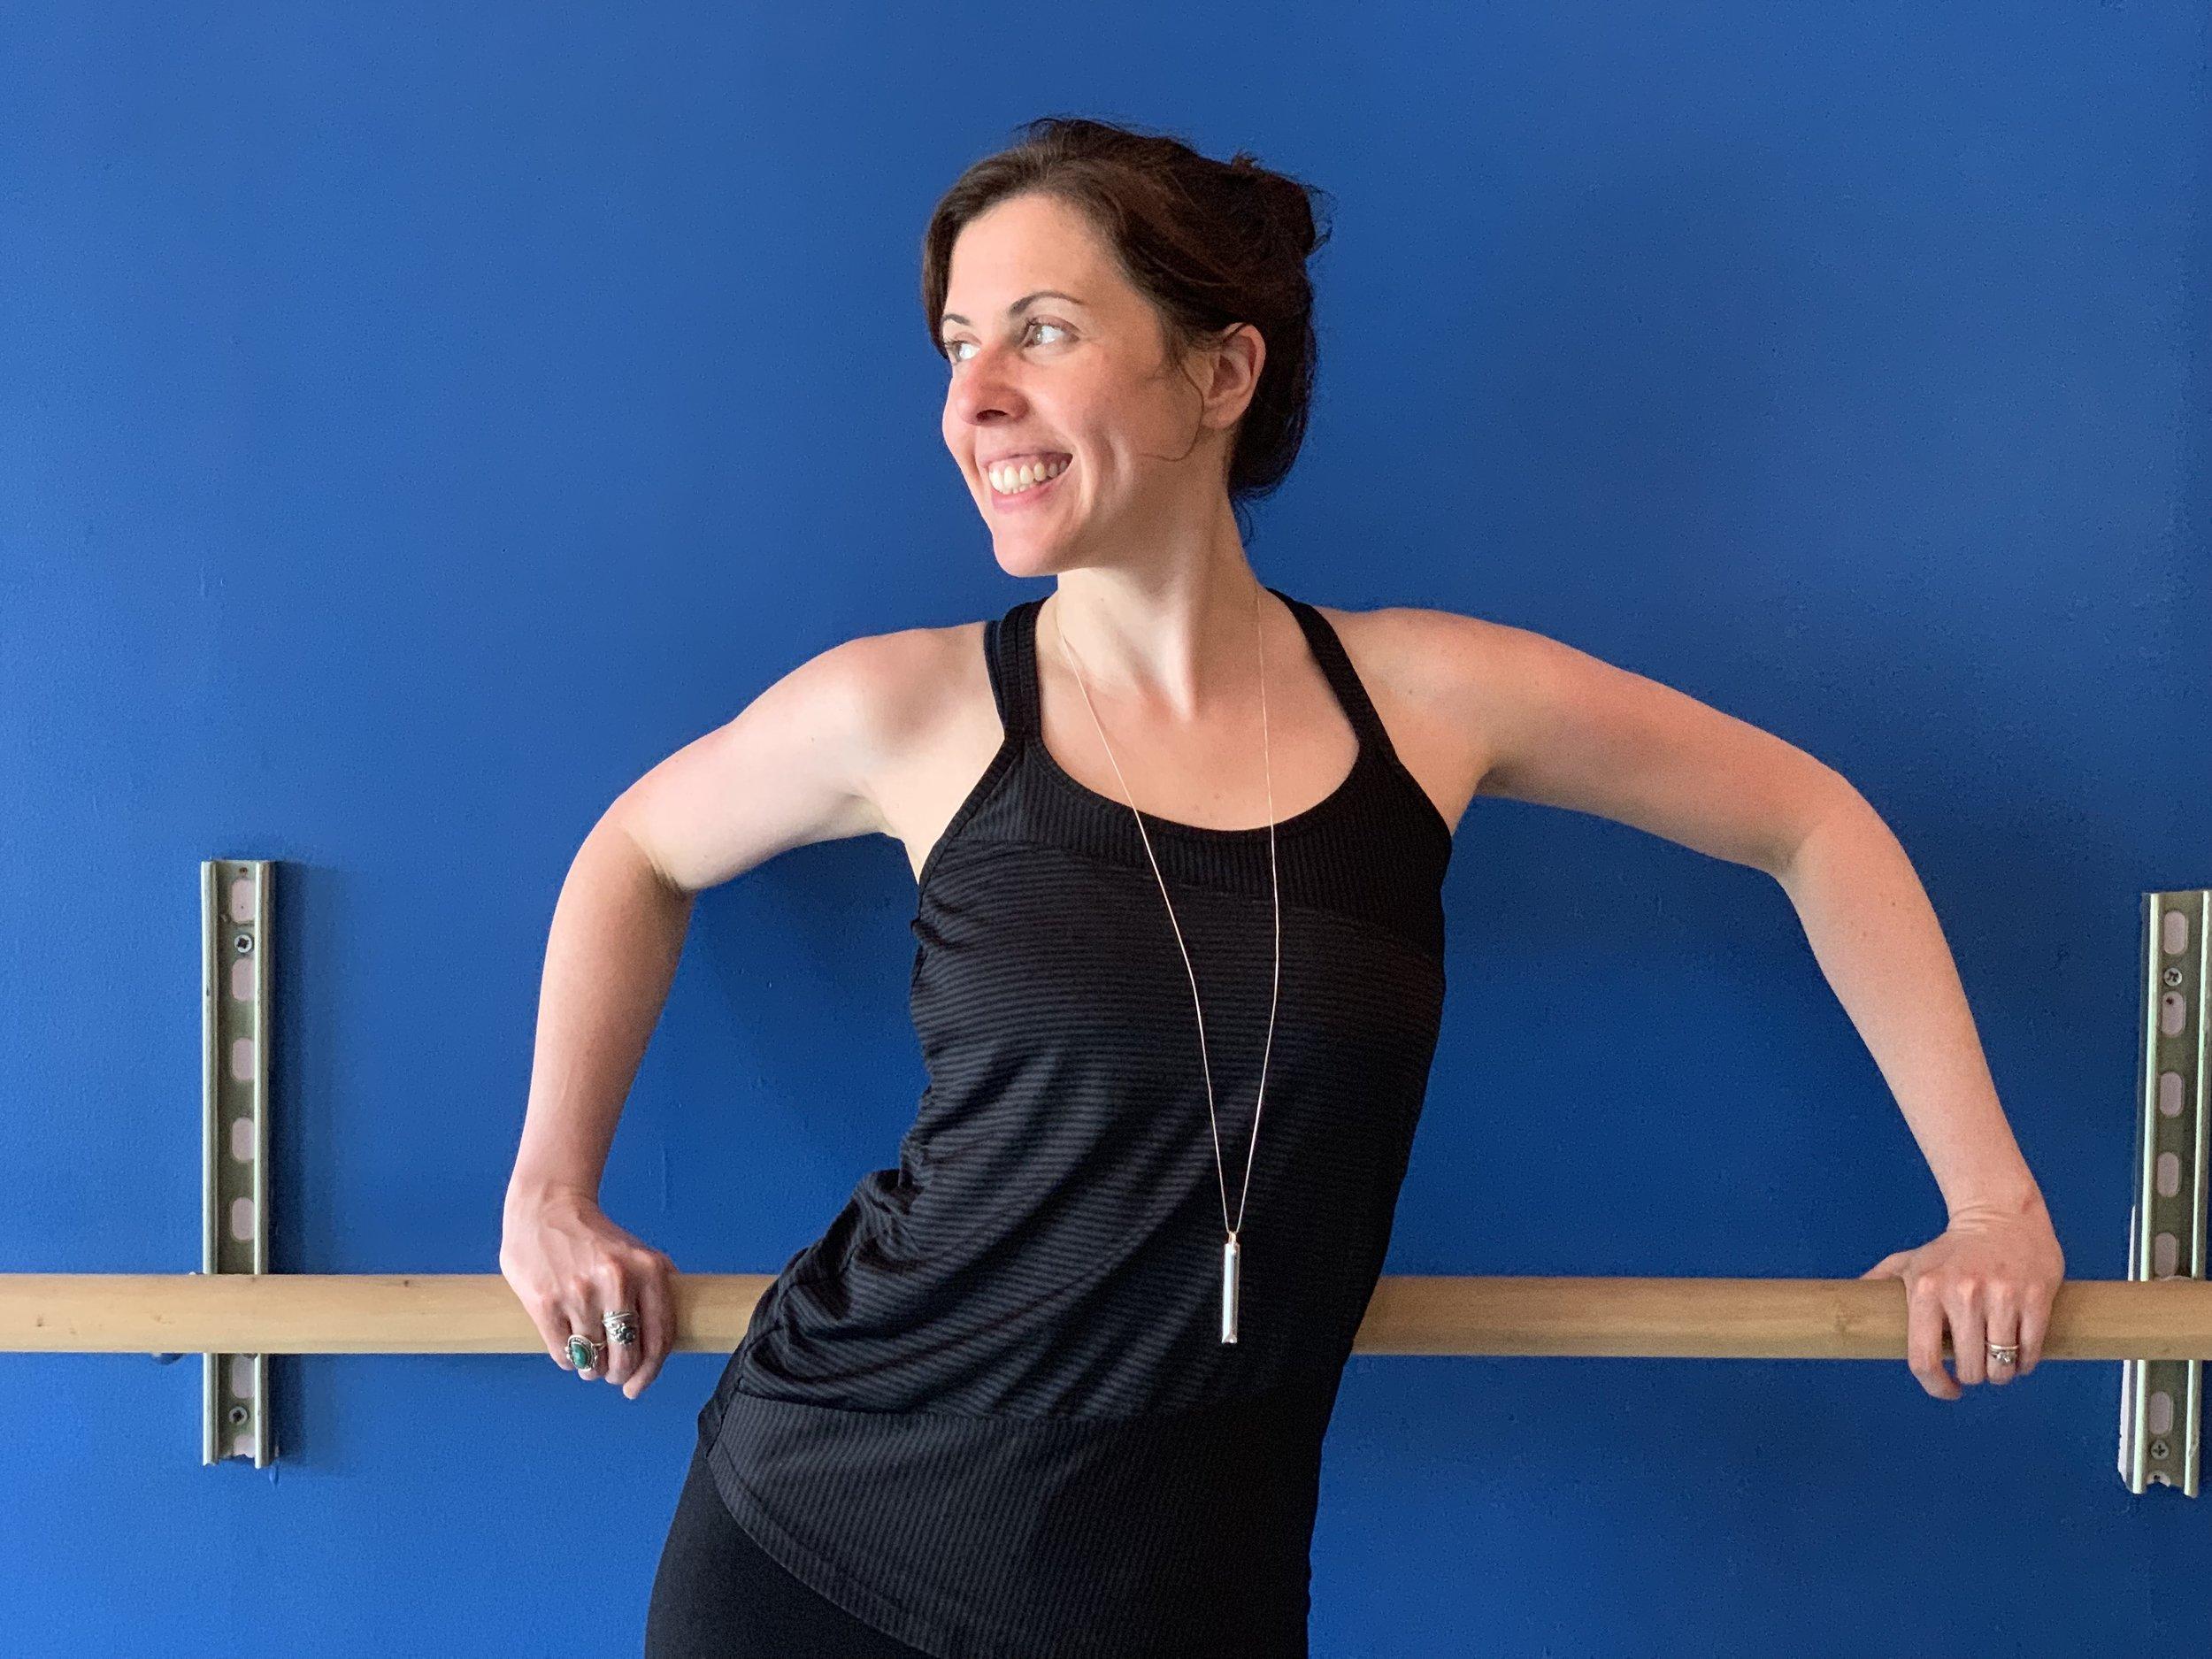 Moira Yoga Pic.jpg